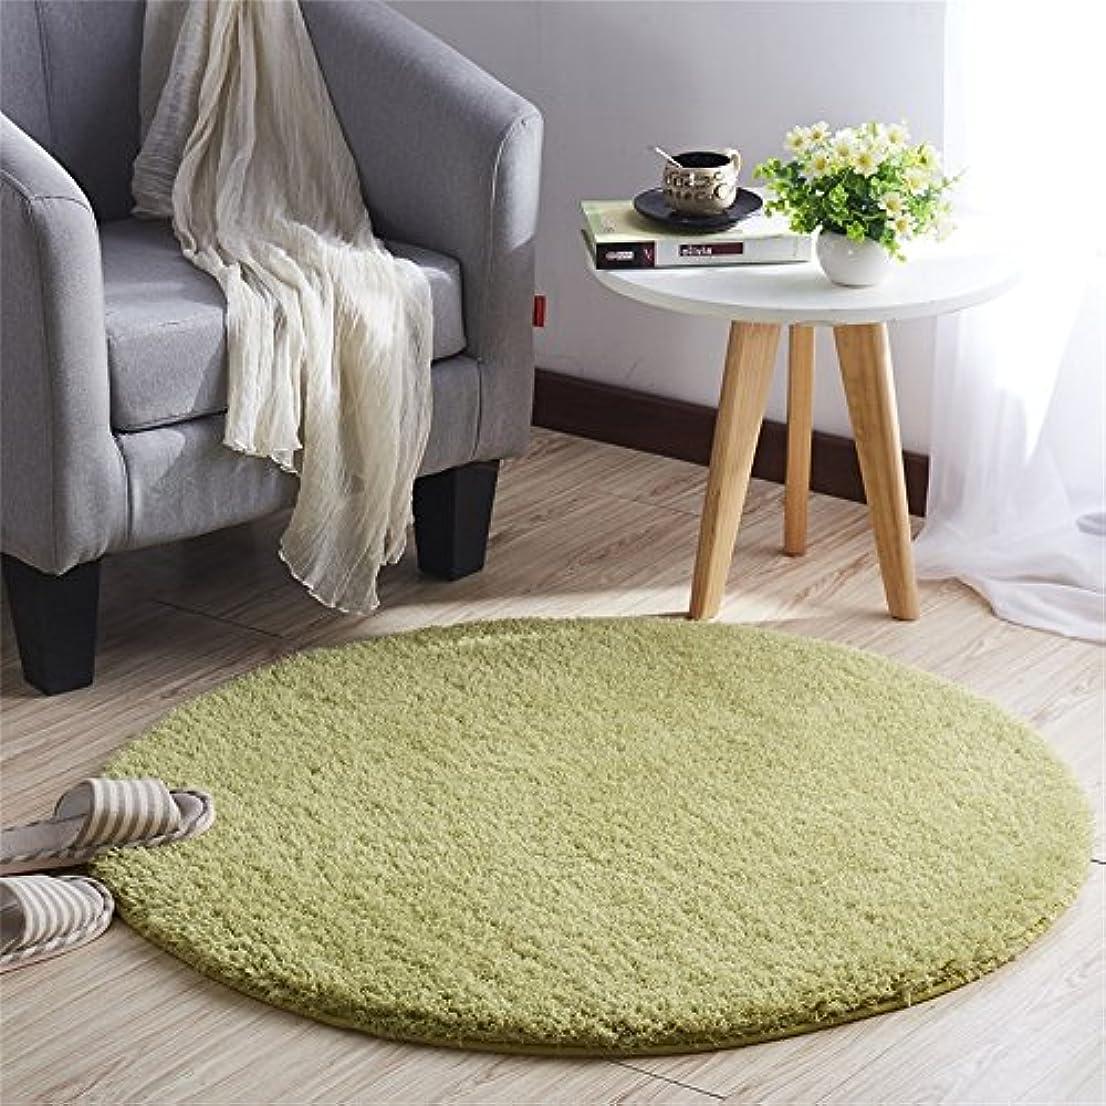 光電縁石冒険CLAXAM 一瞬だけでとろけそう~!ラブリーシャギーラグ 丸い絨毯 極上の繊細さと柔らかさ、サラサラな質感で、あなたの欠かせない家飾りの味方 (80cm, グラスグリーン)